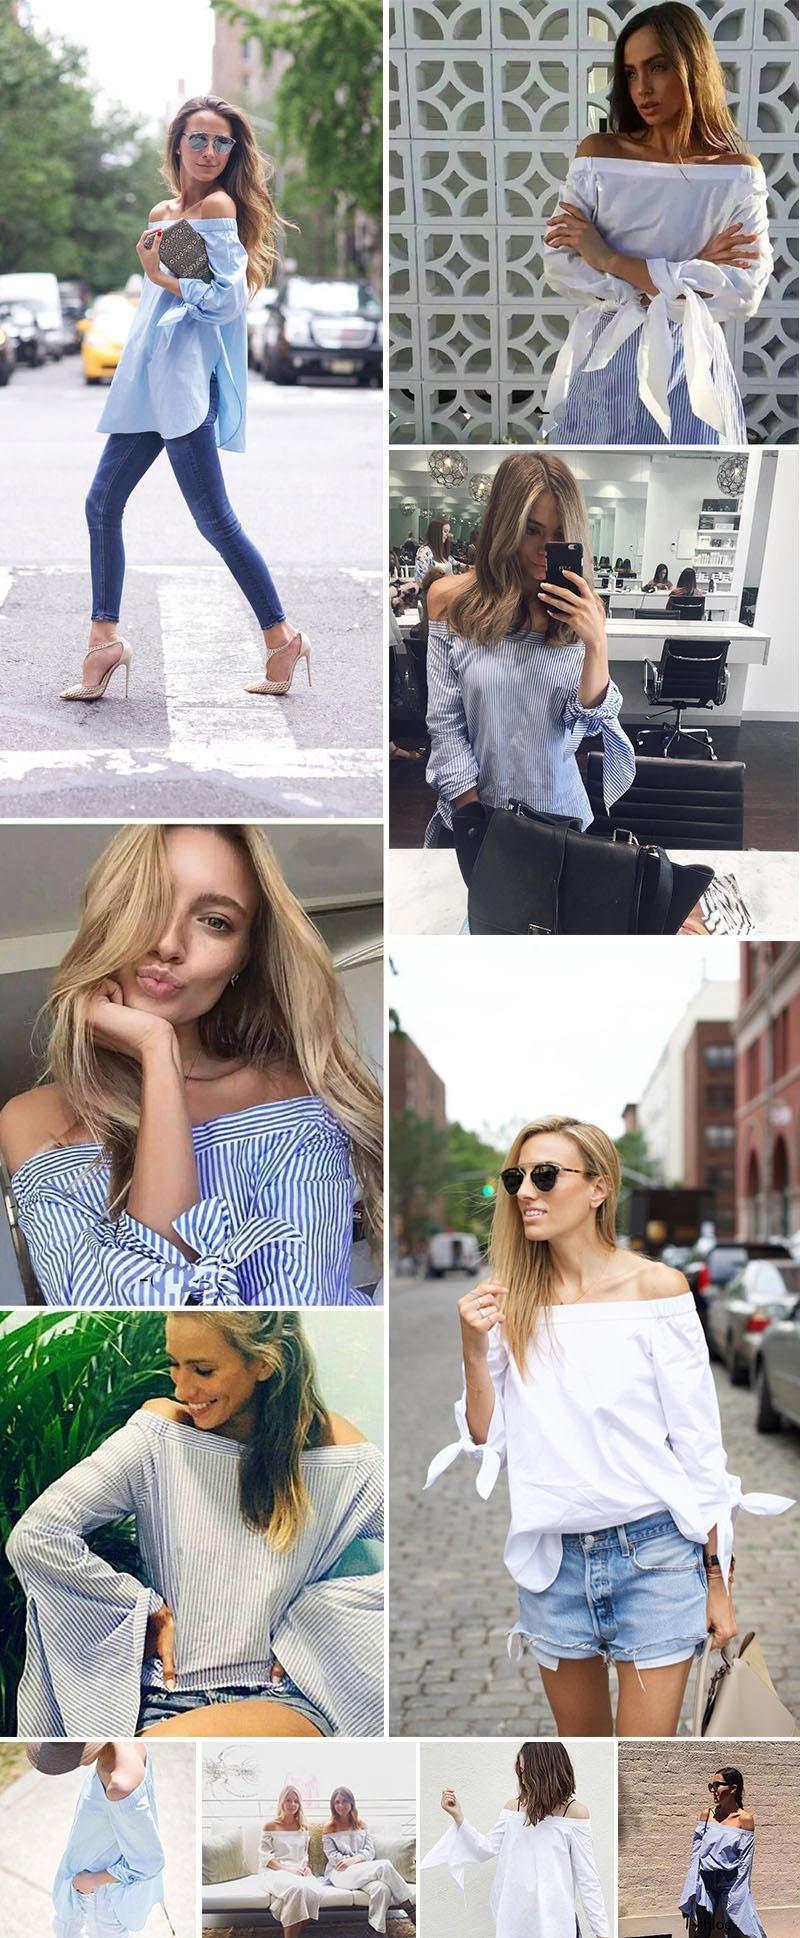 HTB1MUGAKVXXXXc9XXXXq6xXFXXXQ - Long Sleeve Casual Tops Shirts Blue White Striped Party Blusas